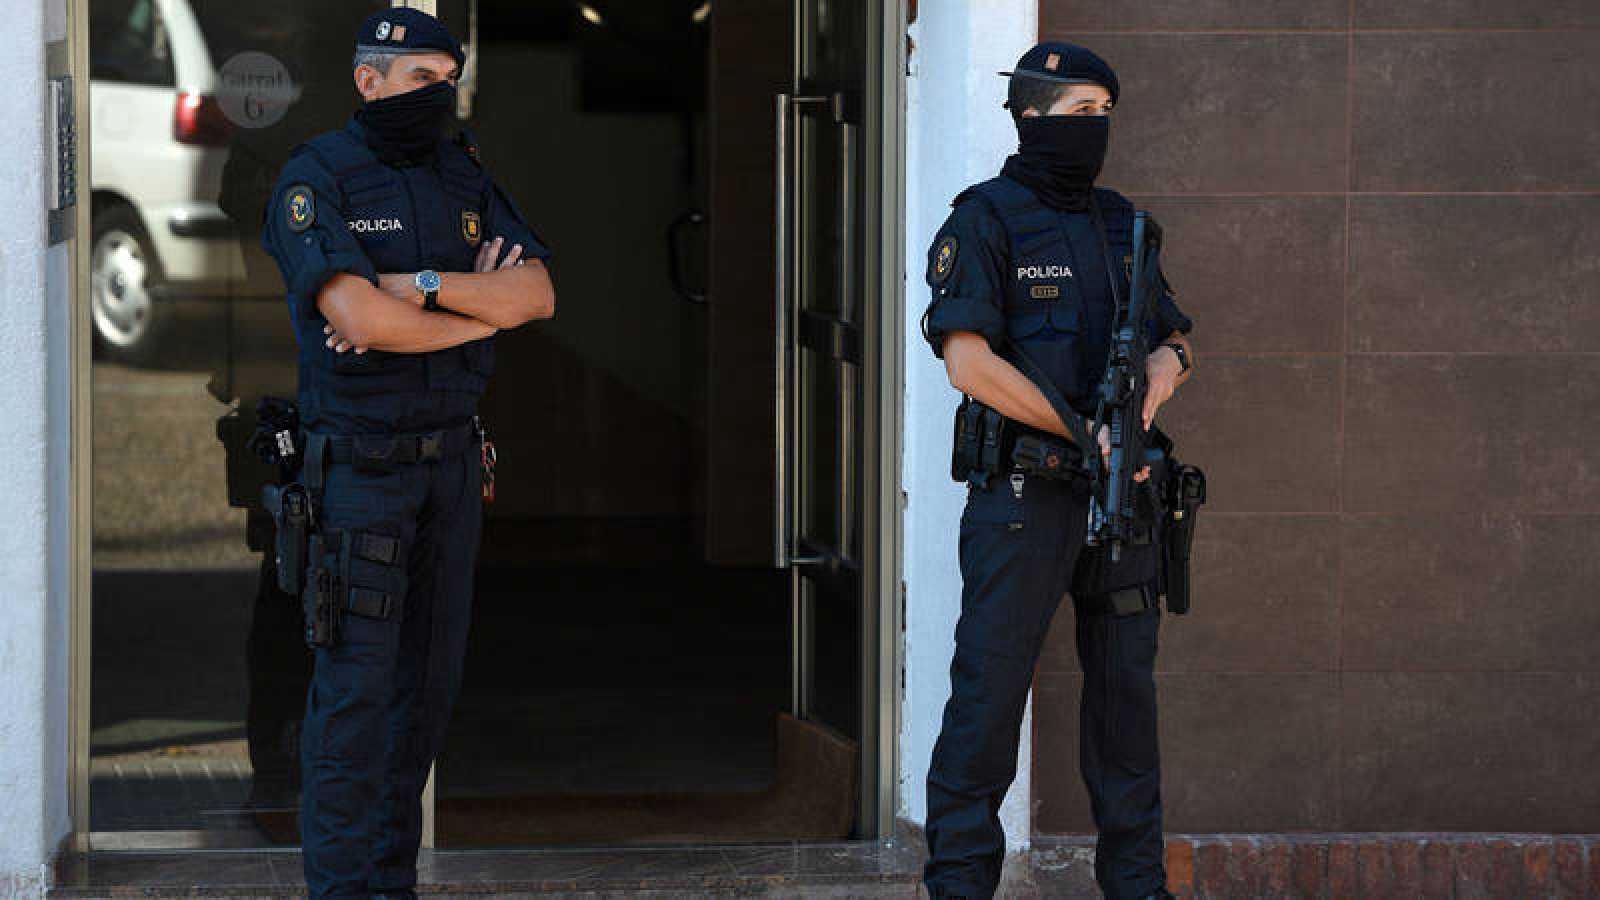 Dos agentes de los Mossos d'Esquadra escoltan la comisaría de Cornellà el lunes